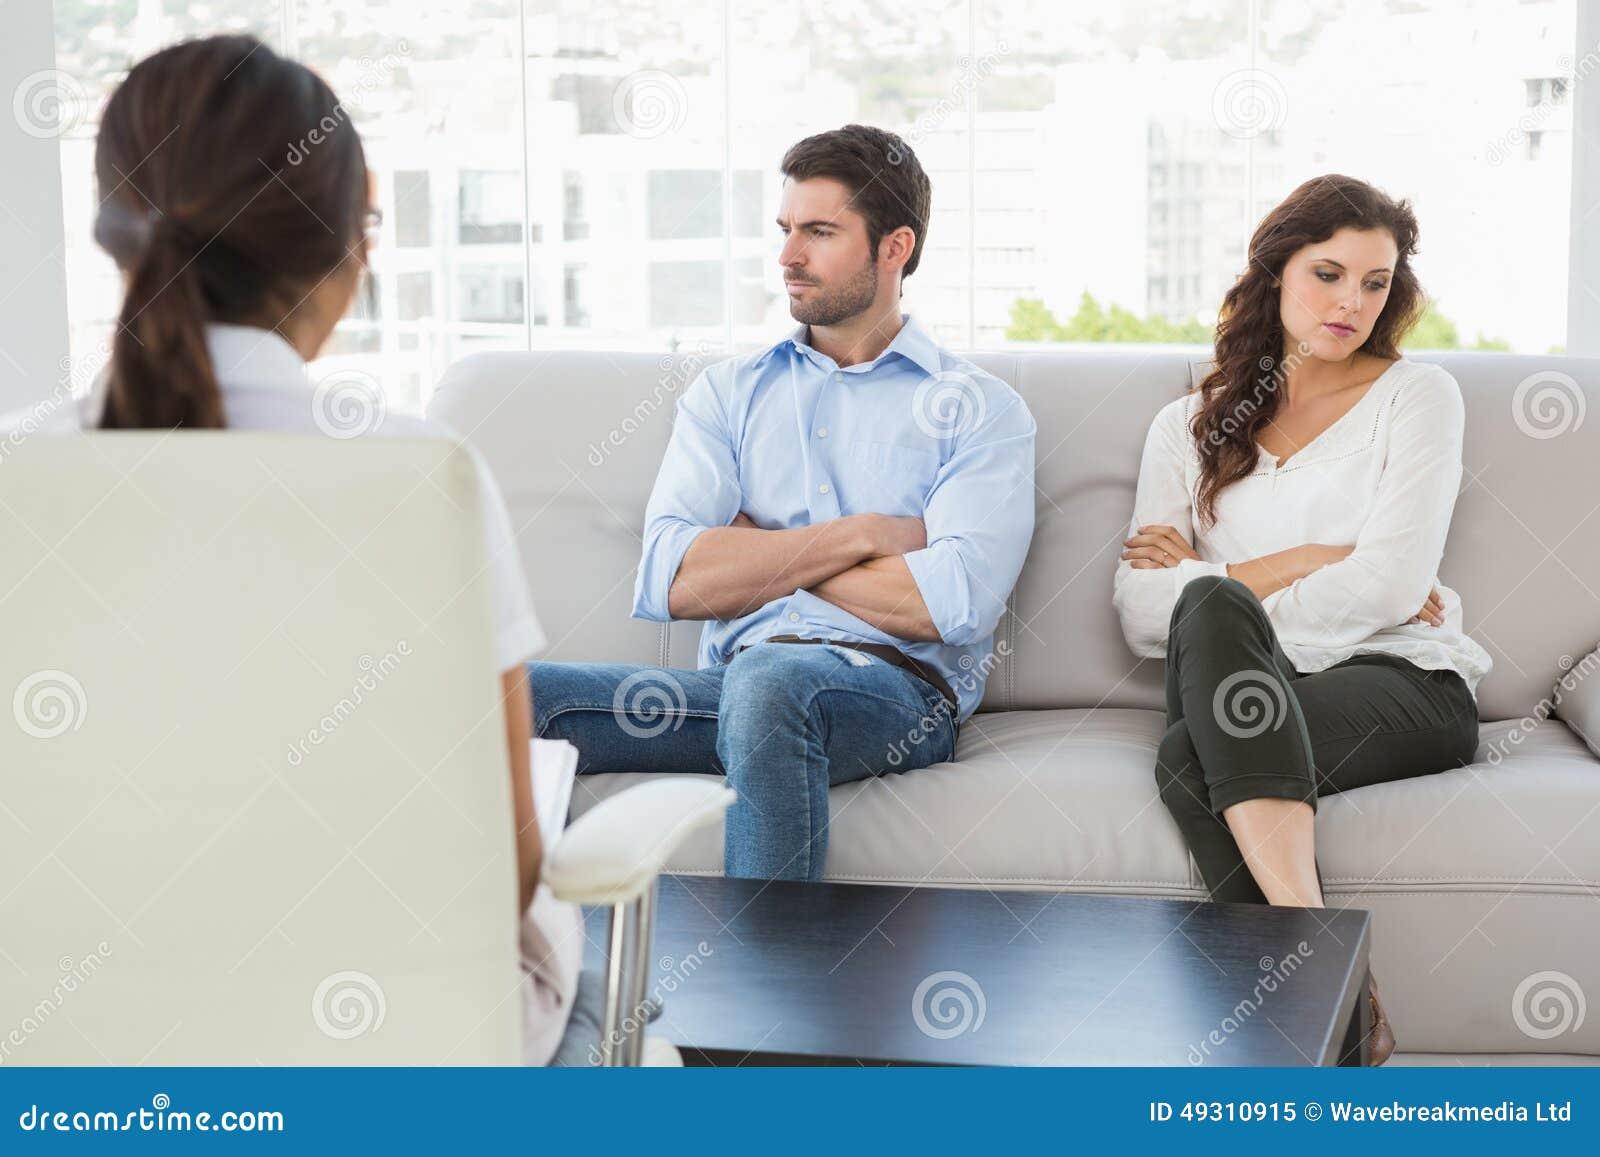 Психолог помогая паре с затруднениями отношения